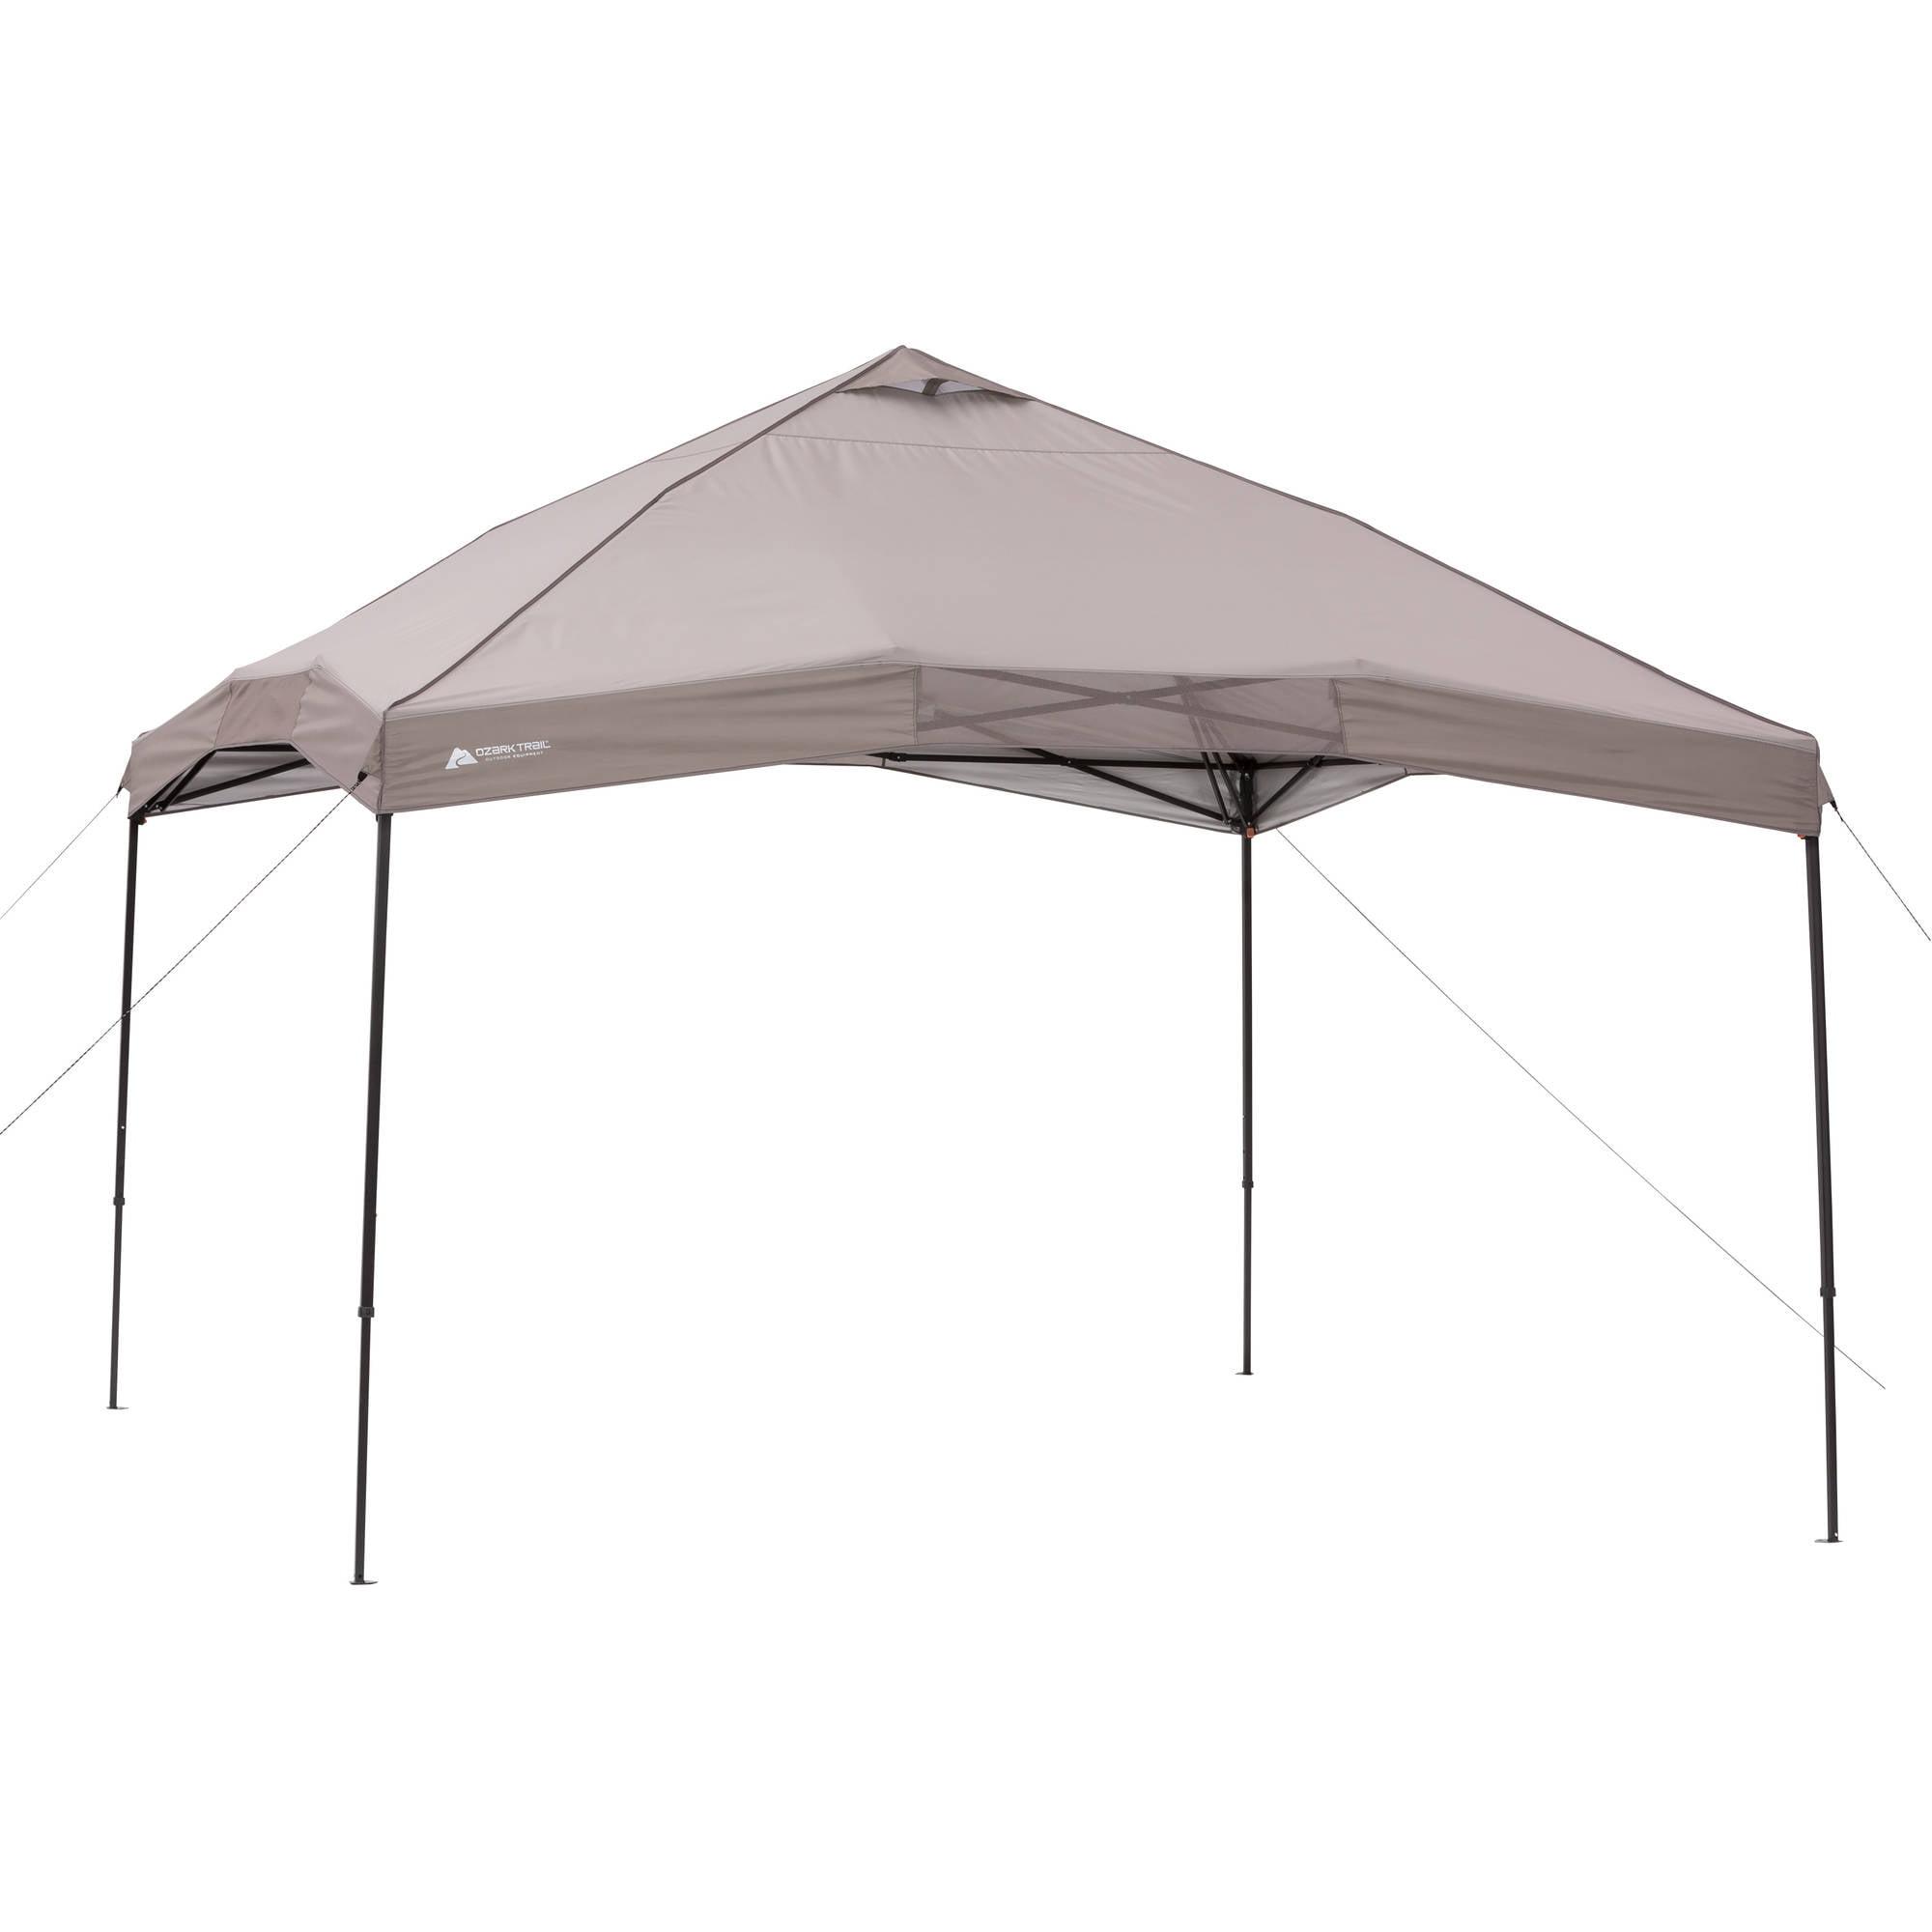 sc 1 st  Walmart & Ozark Trail 12u0027 x 12u0027 144 sq. ft. Instant Setup Canopy - Walmart.com